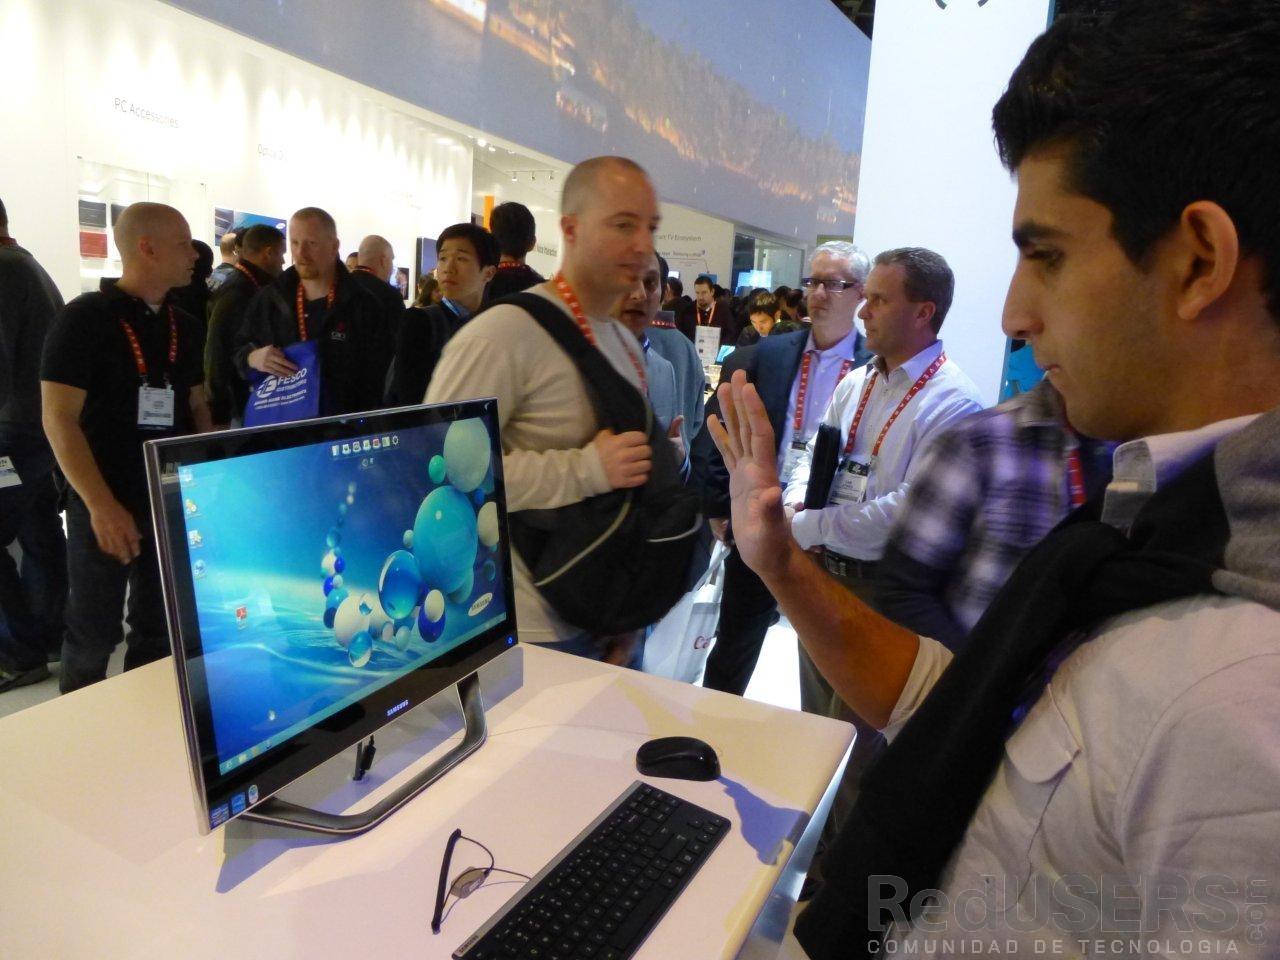 Los monitores con detección de movimientos, otra de las atracciones del espacio Samsung